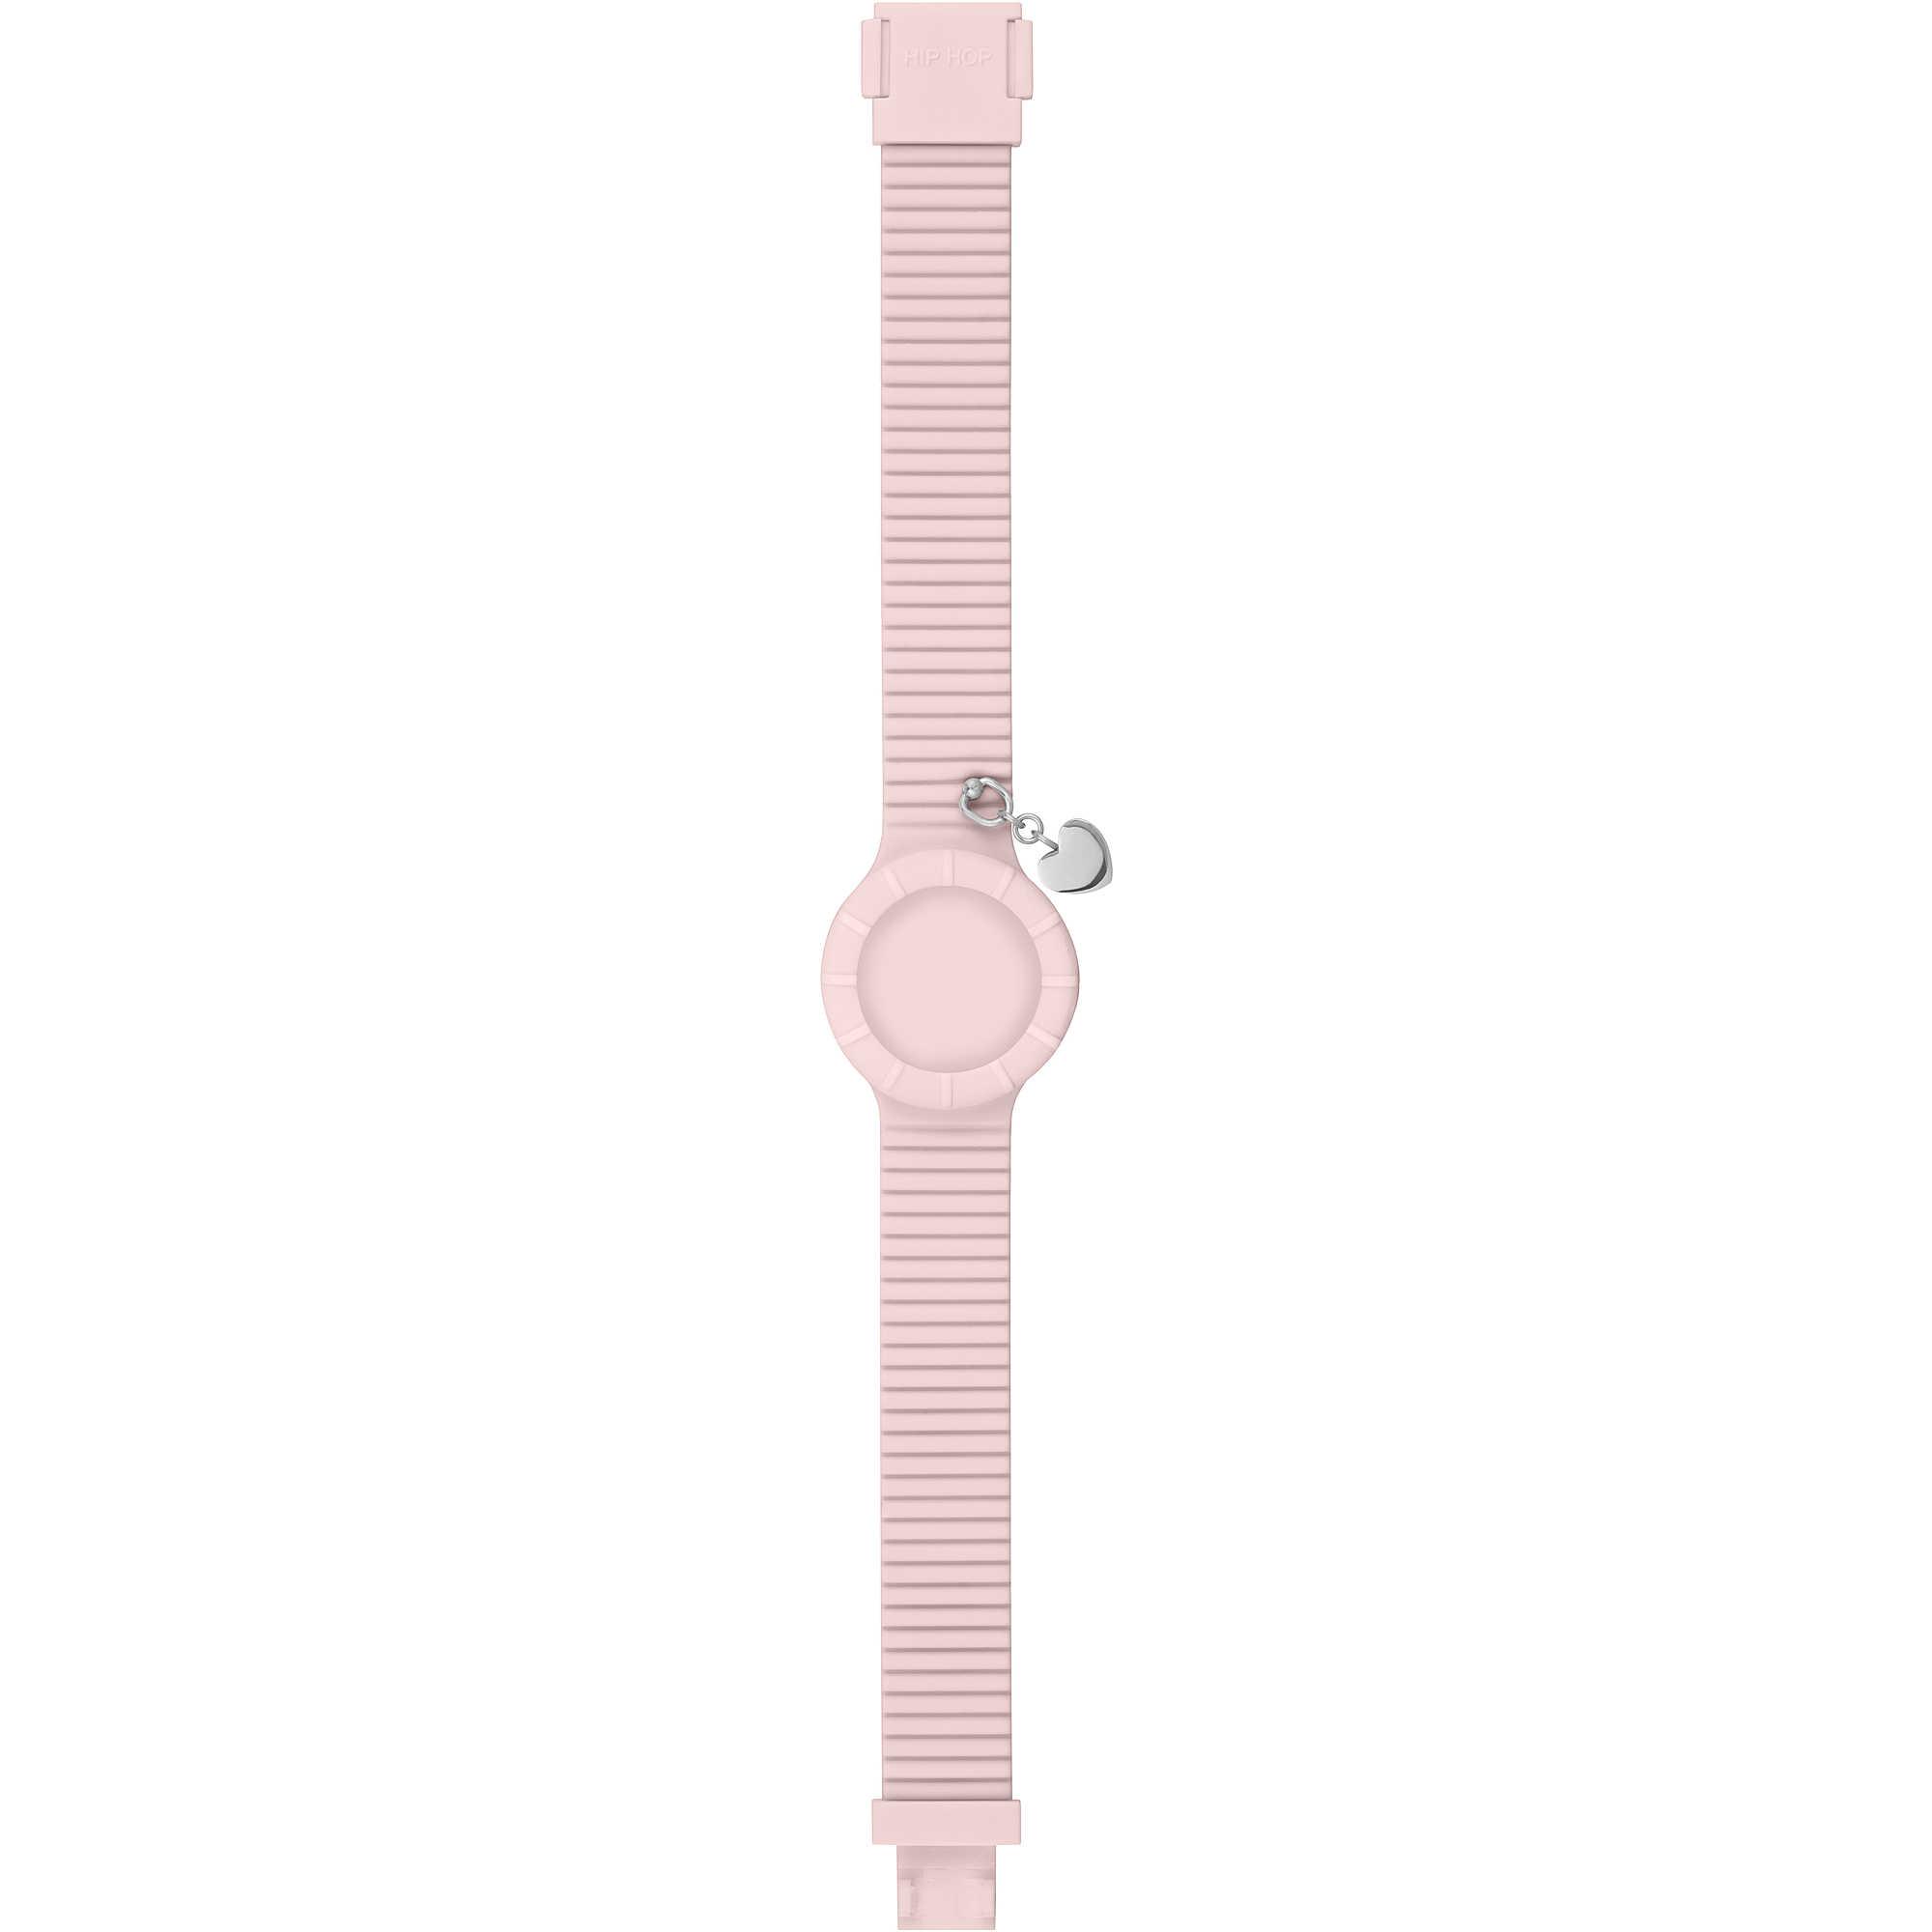 più amato 32c5c 241c5 orologio cinturino orologio unisex Hip Hop Piercing HBU0804 ...